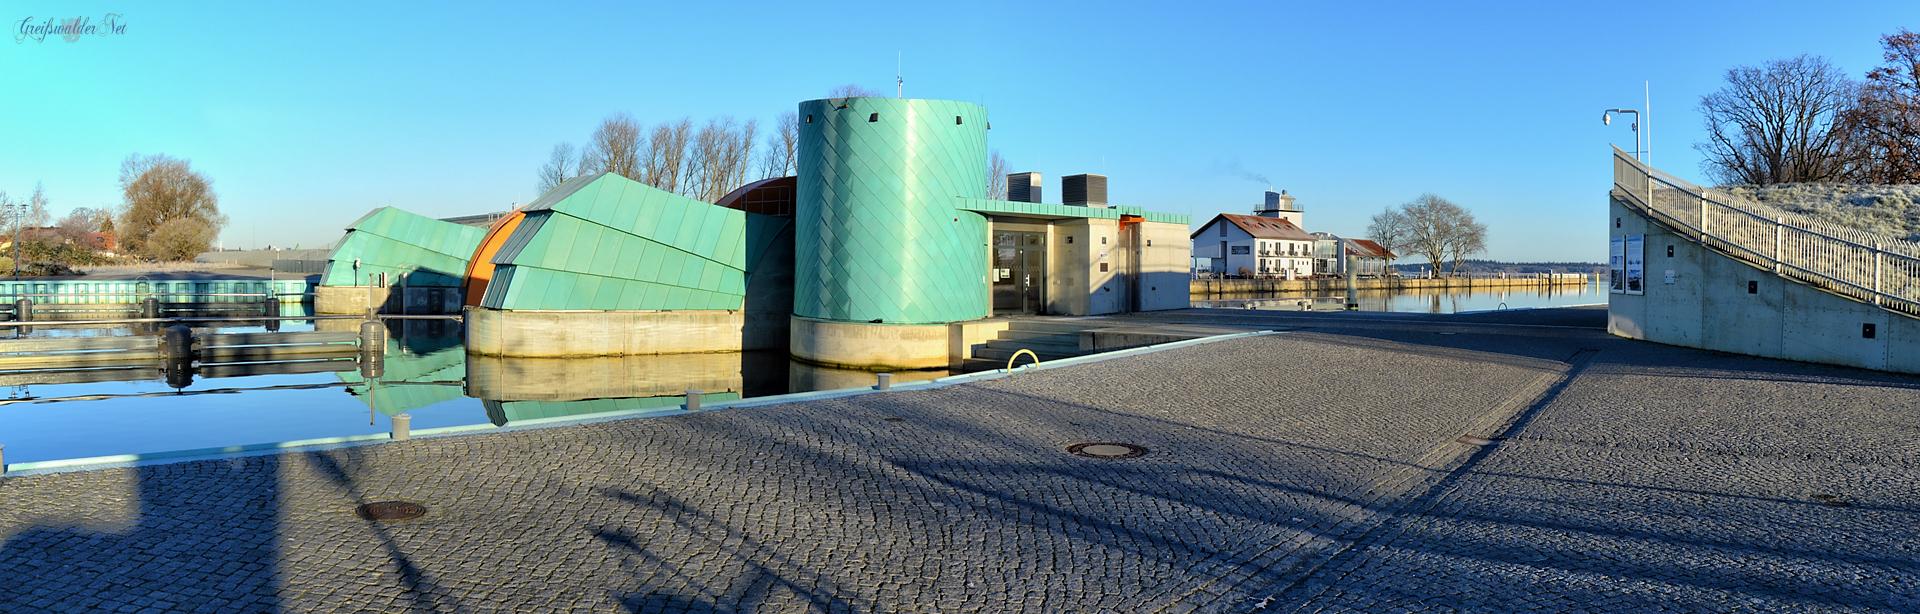 Am Sperrwerk in Greifswald-Wieck